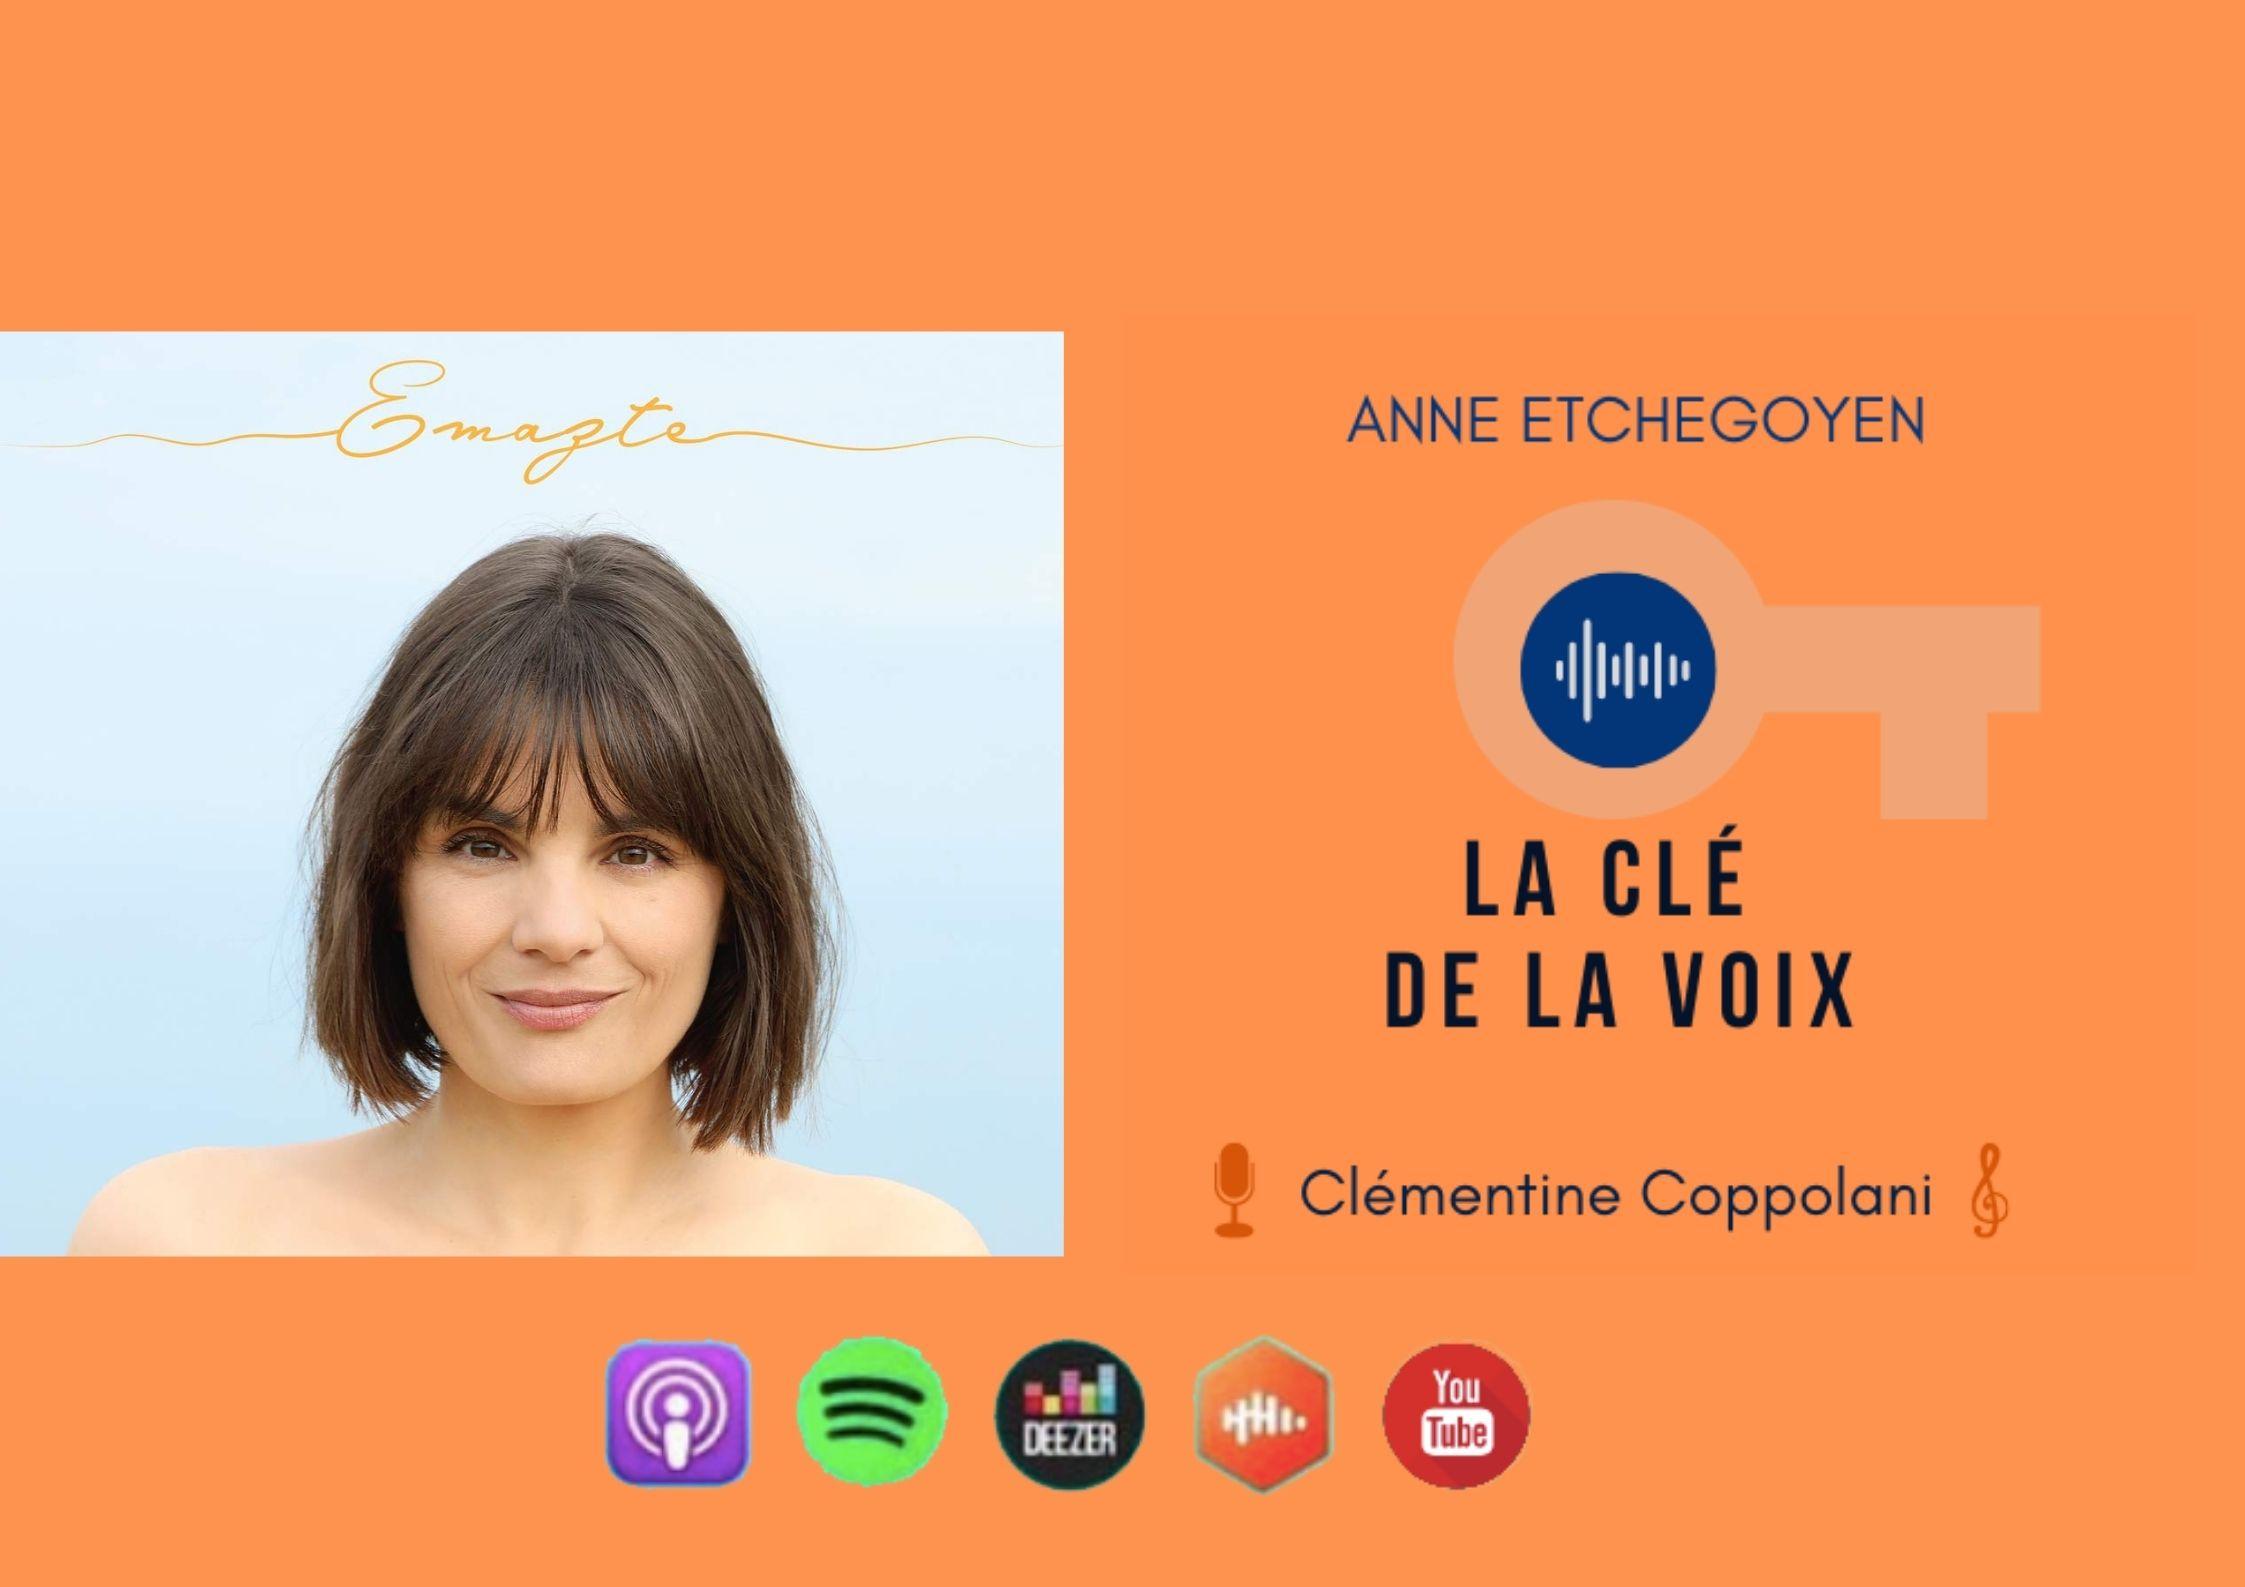 E13: Anne Etchegoyen - Chanter et produire des artistes grâce à son label